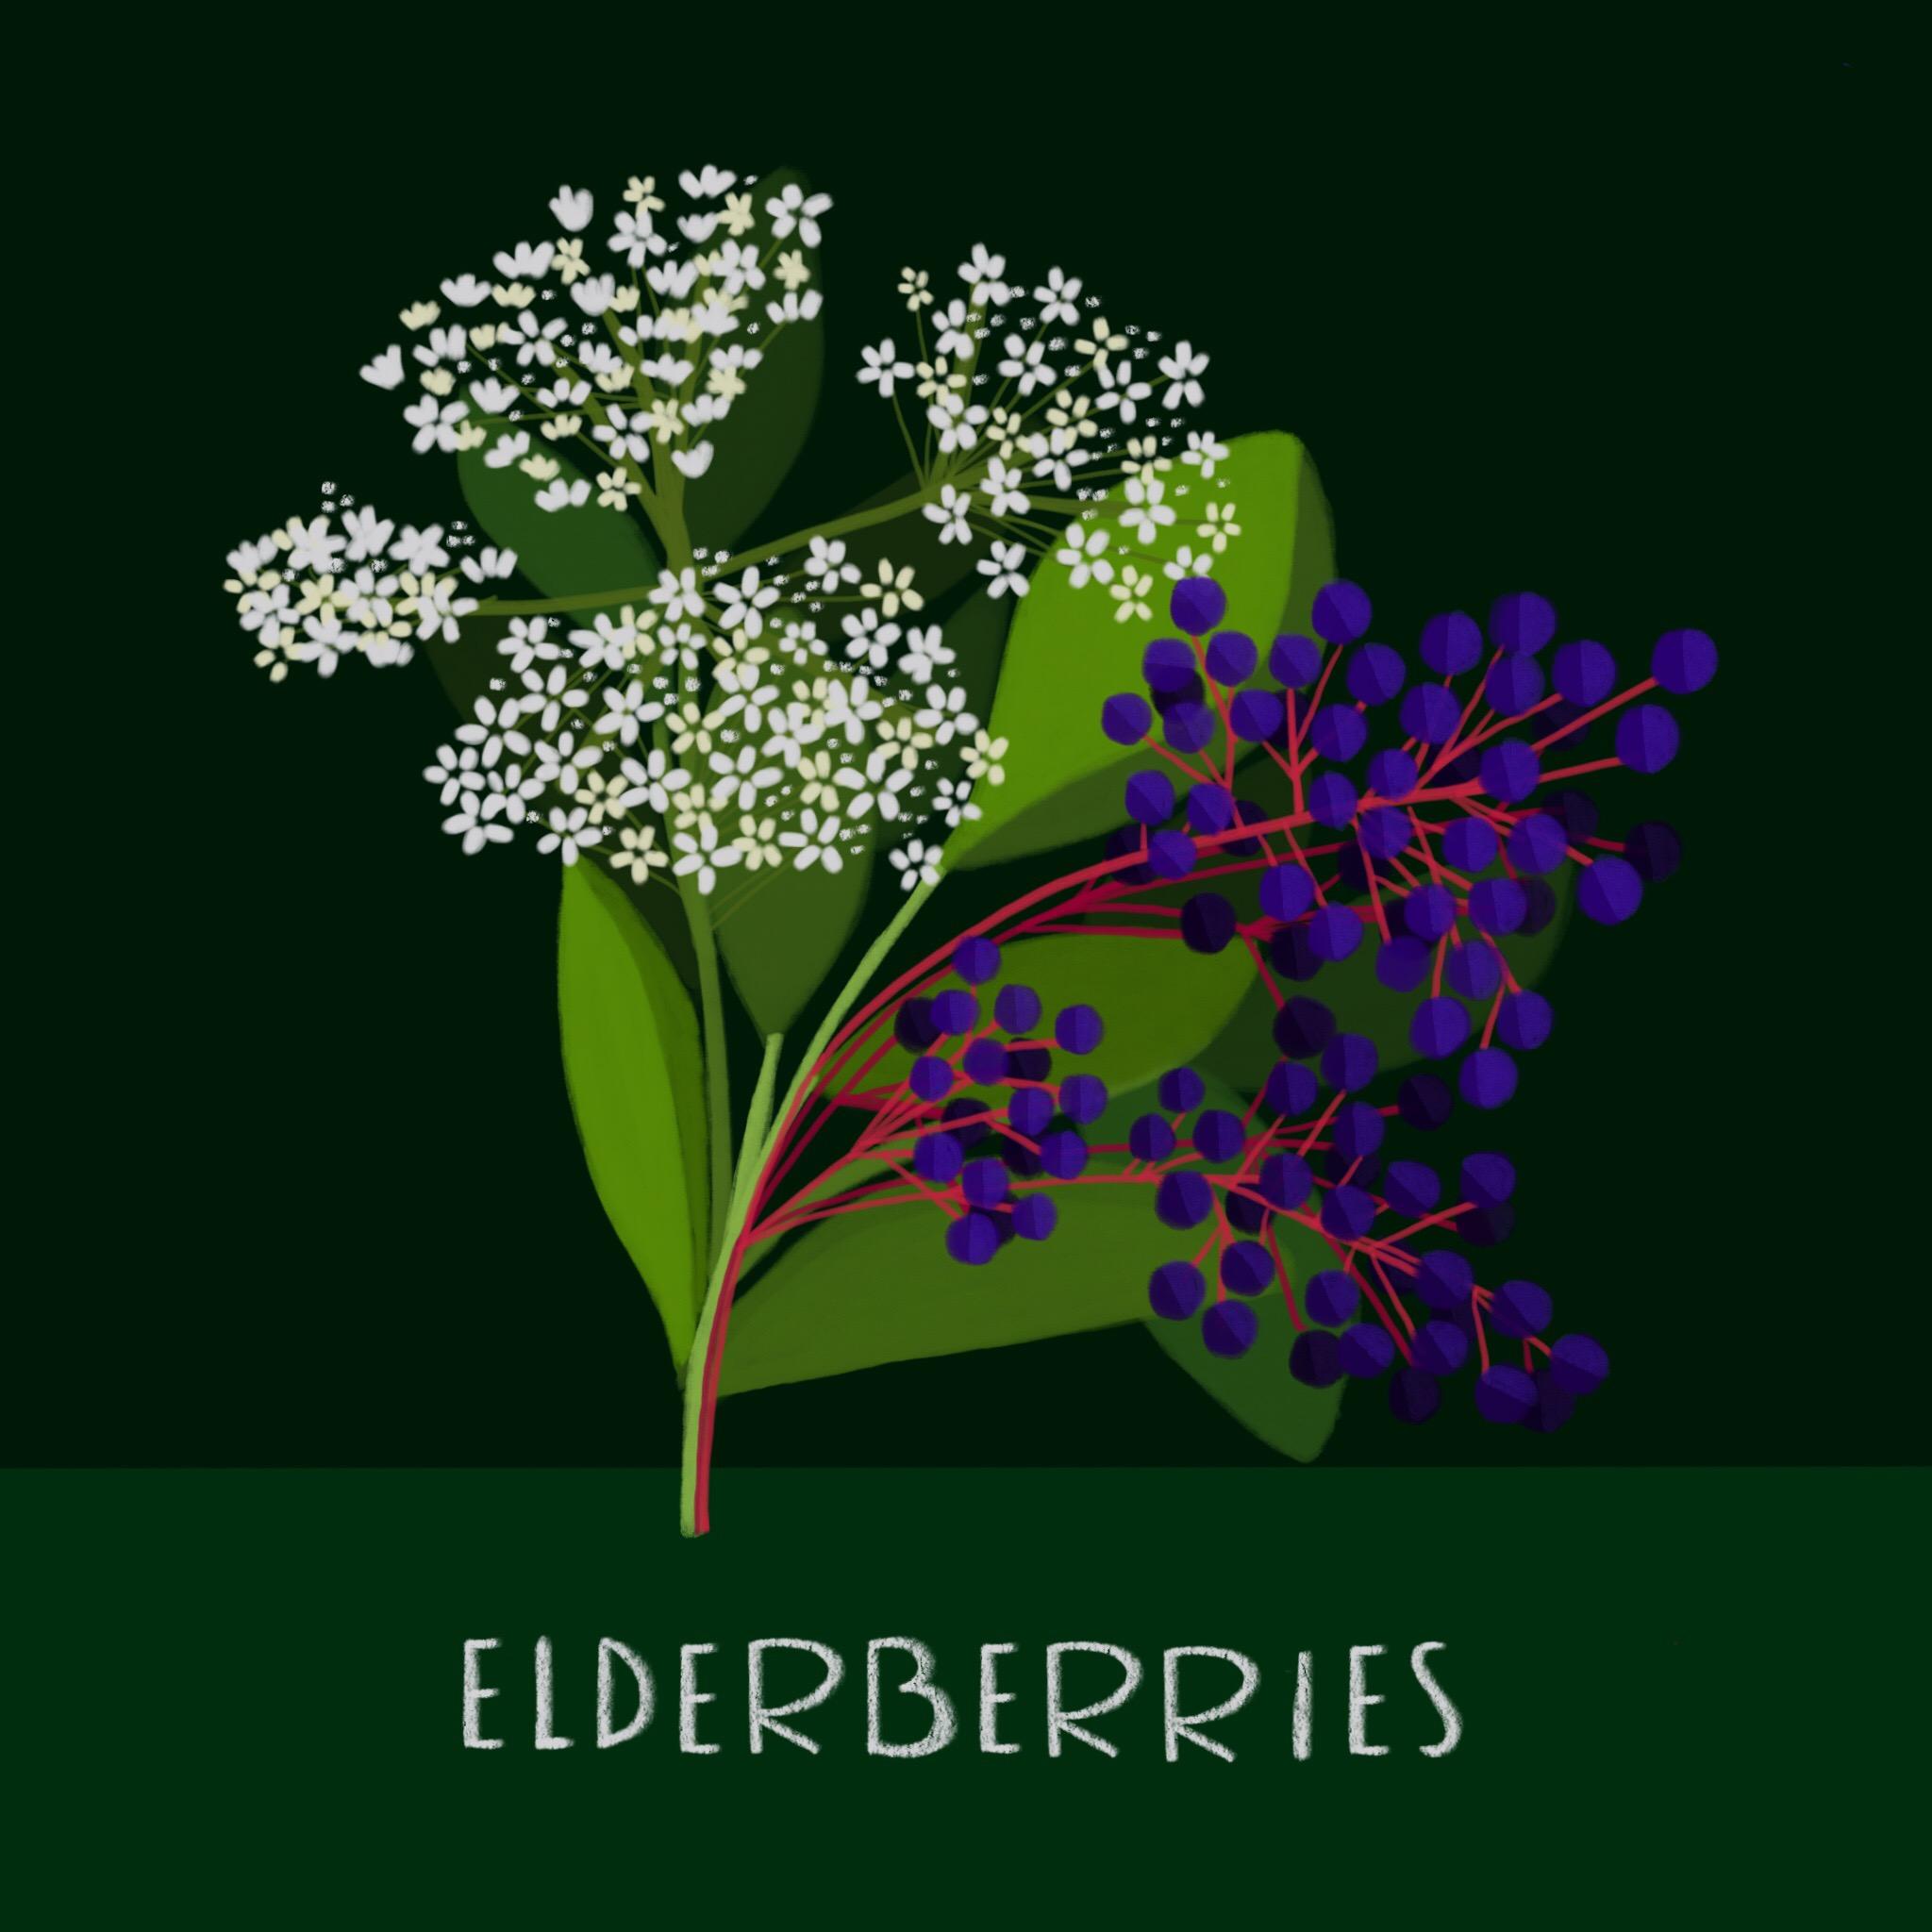 25_-_Elderberries.jpg